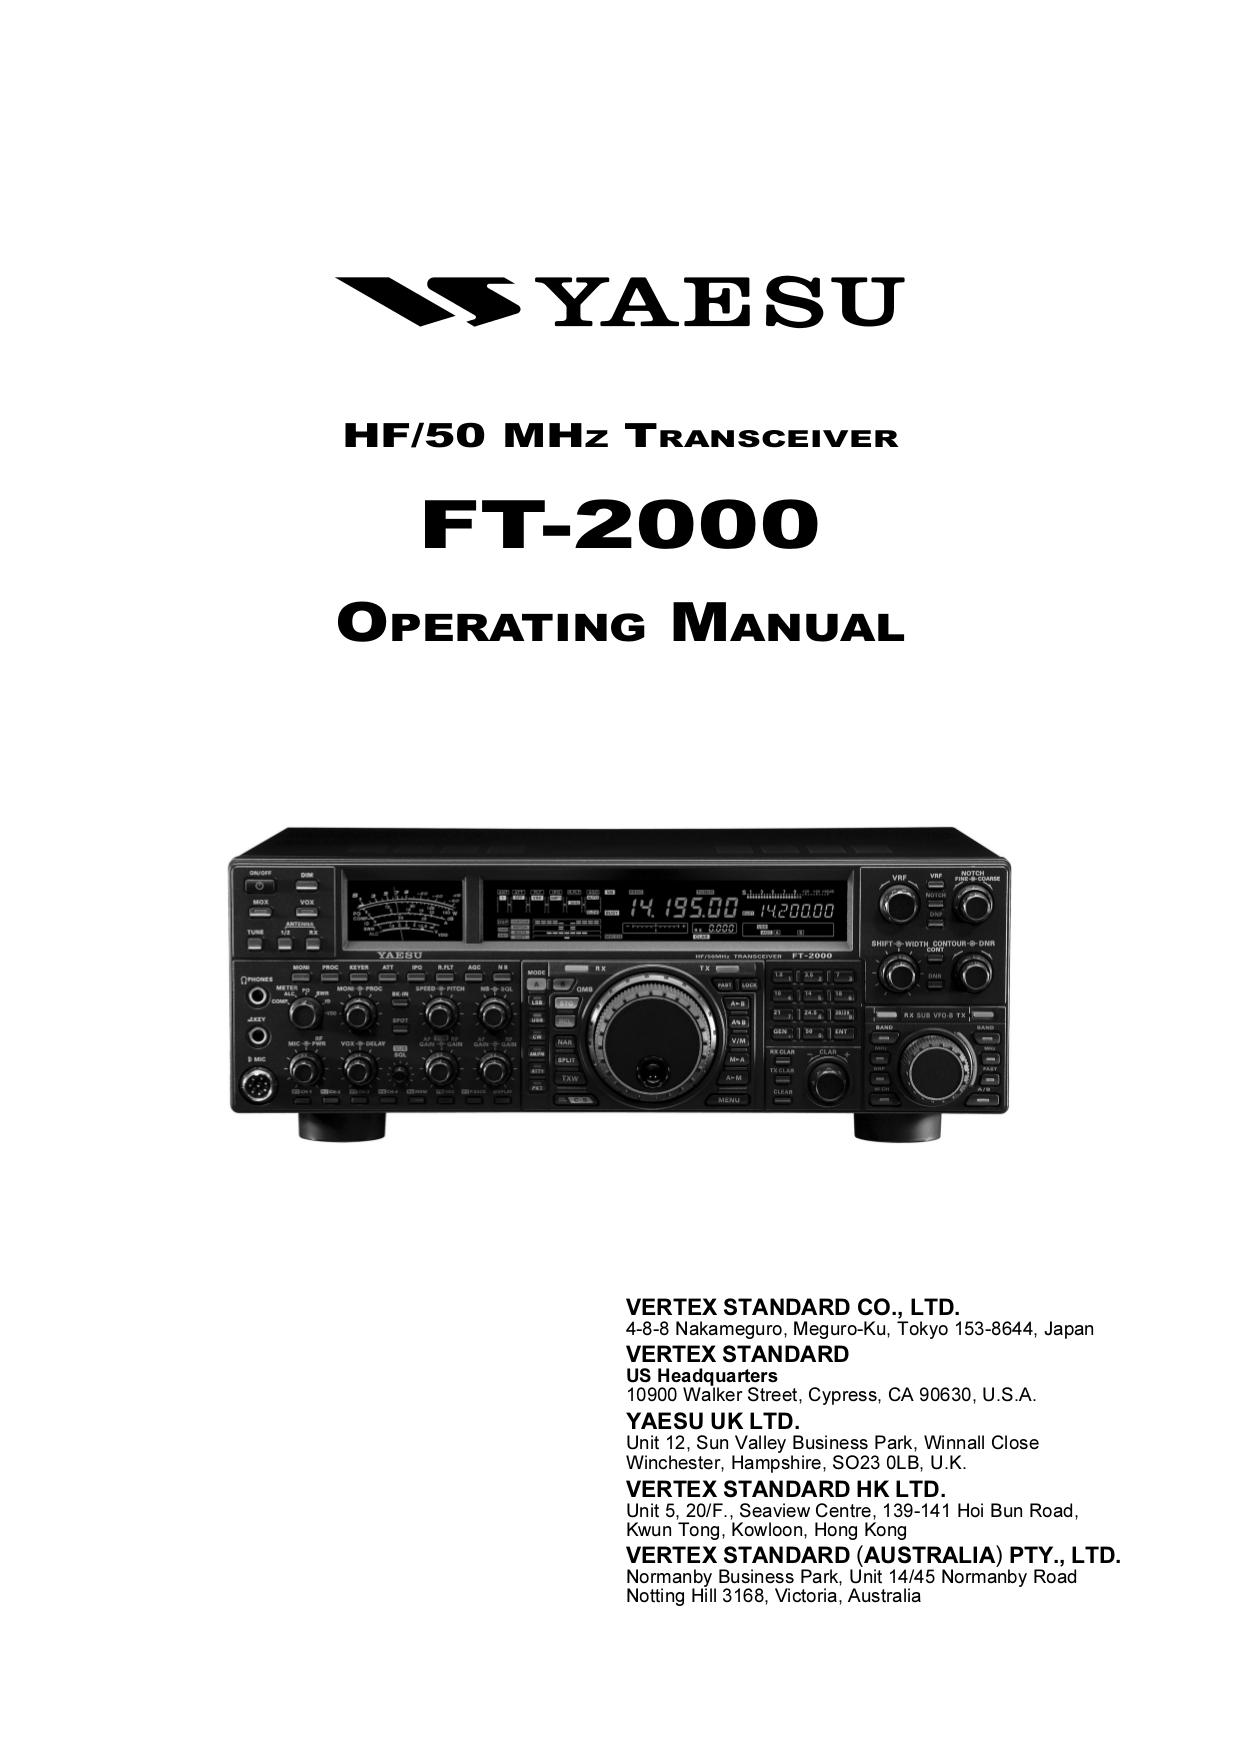 инструкция на ft 2000